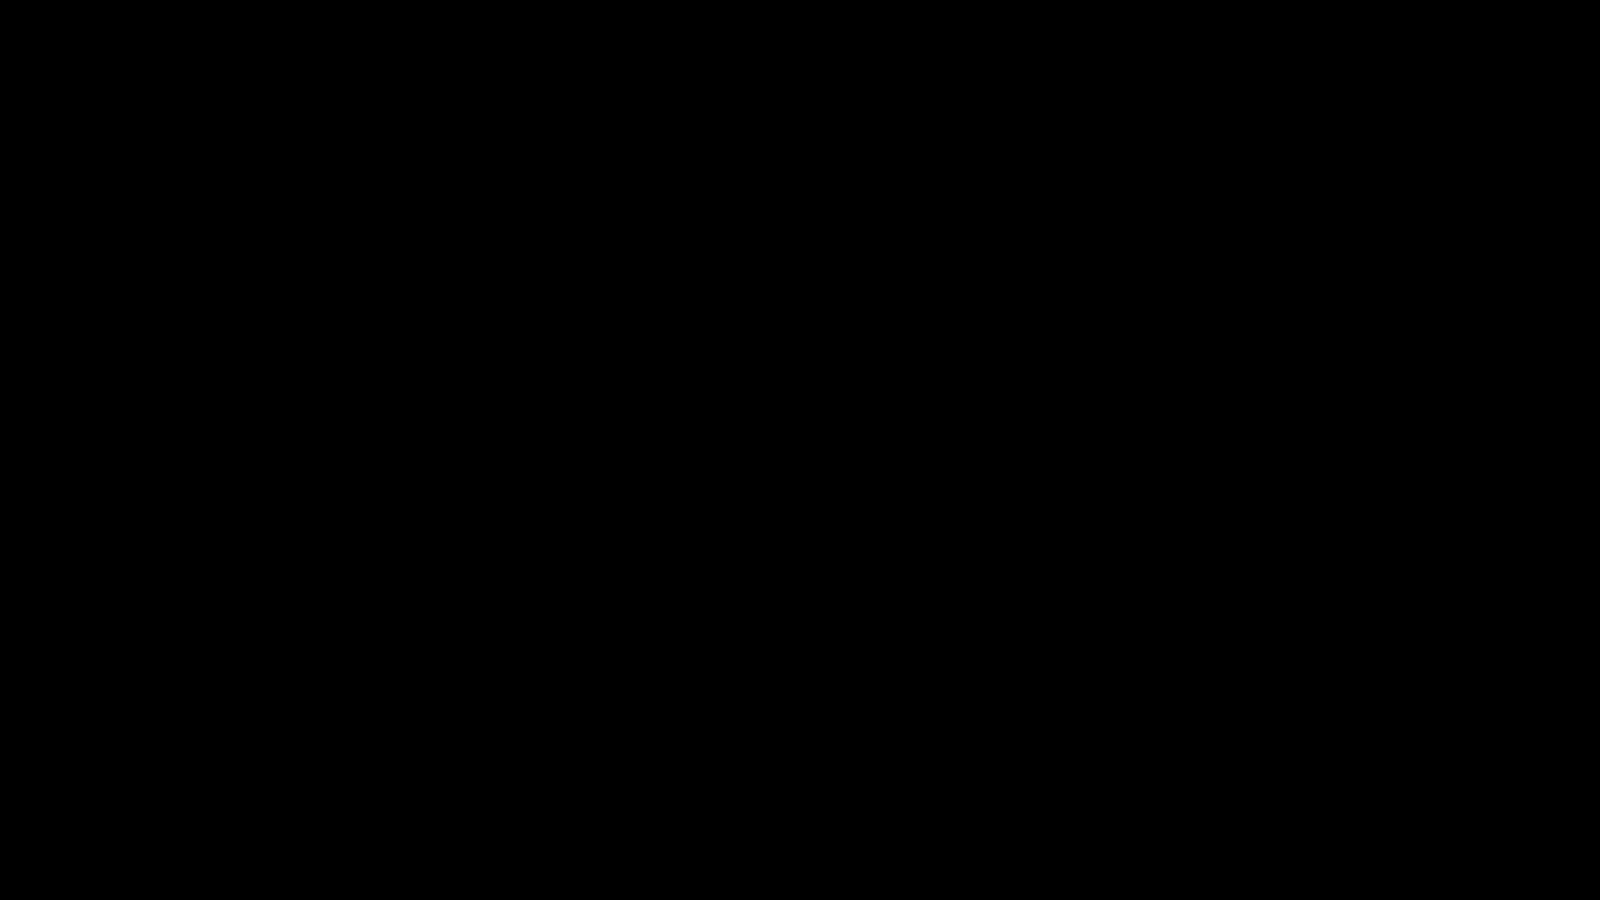 Borrão de tinta 2_fundo preto png